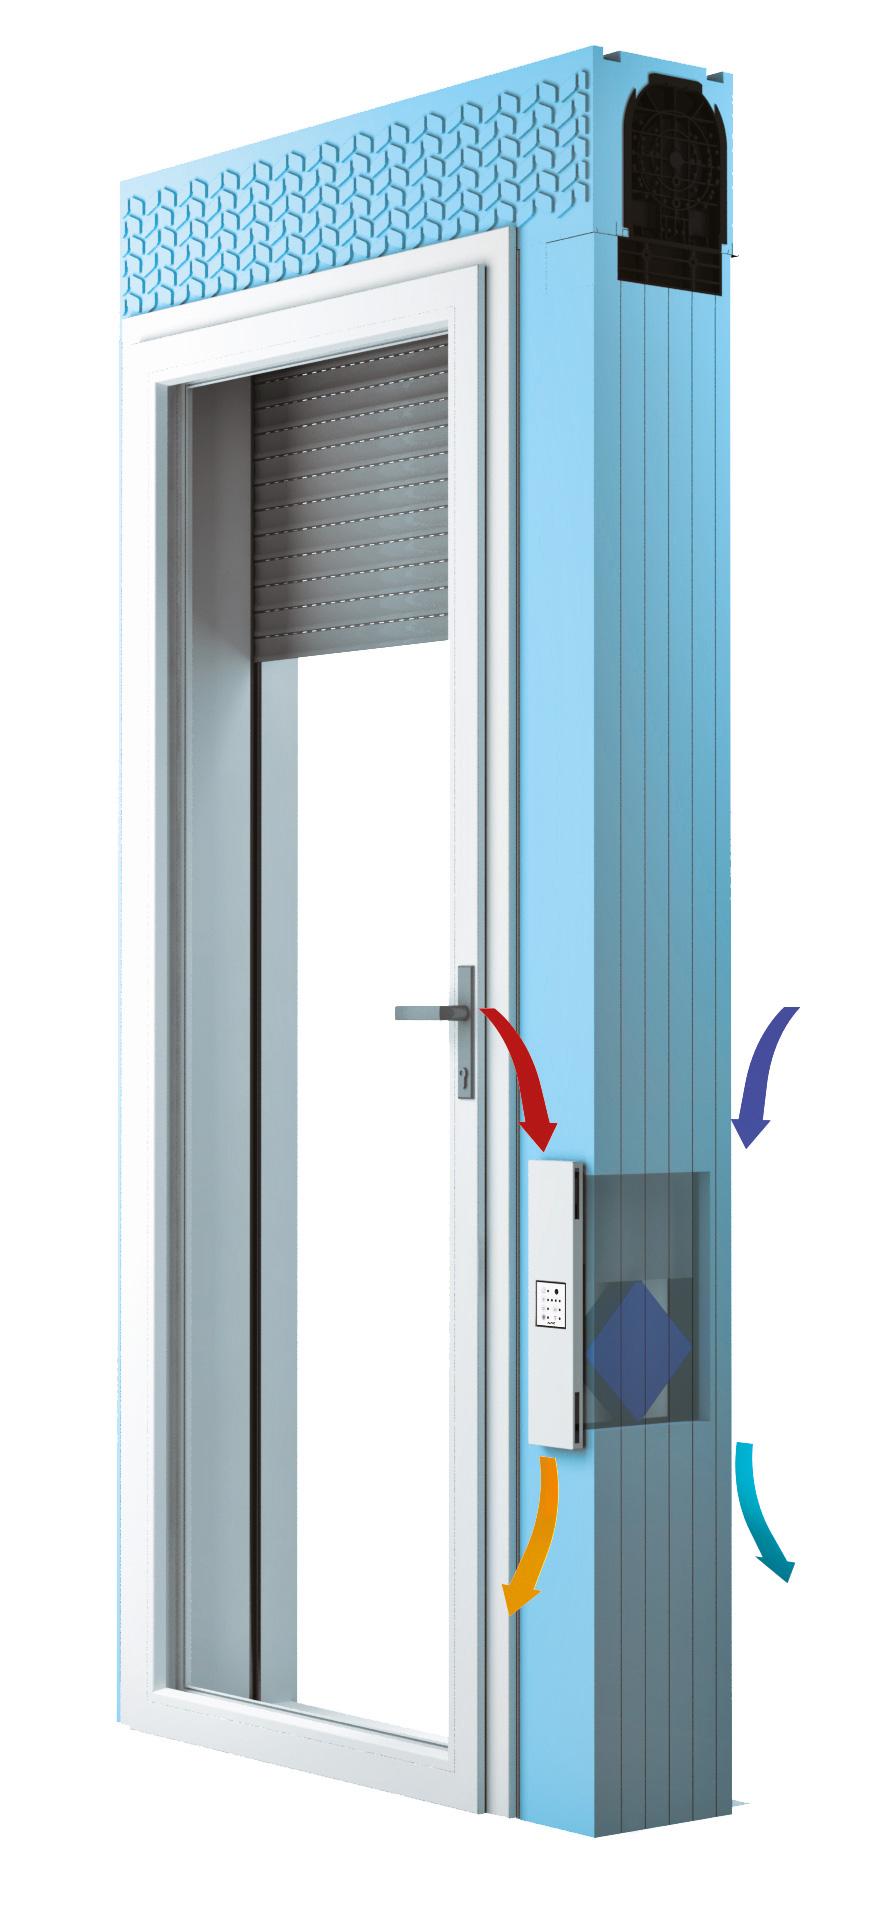 Sistema monoblocco Ingenius VMC con unità di ventilazione Compact.Lo scambiatore di calore entalpico